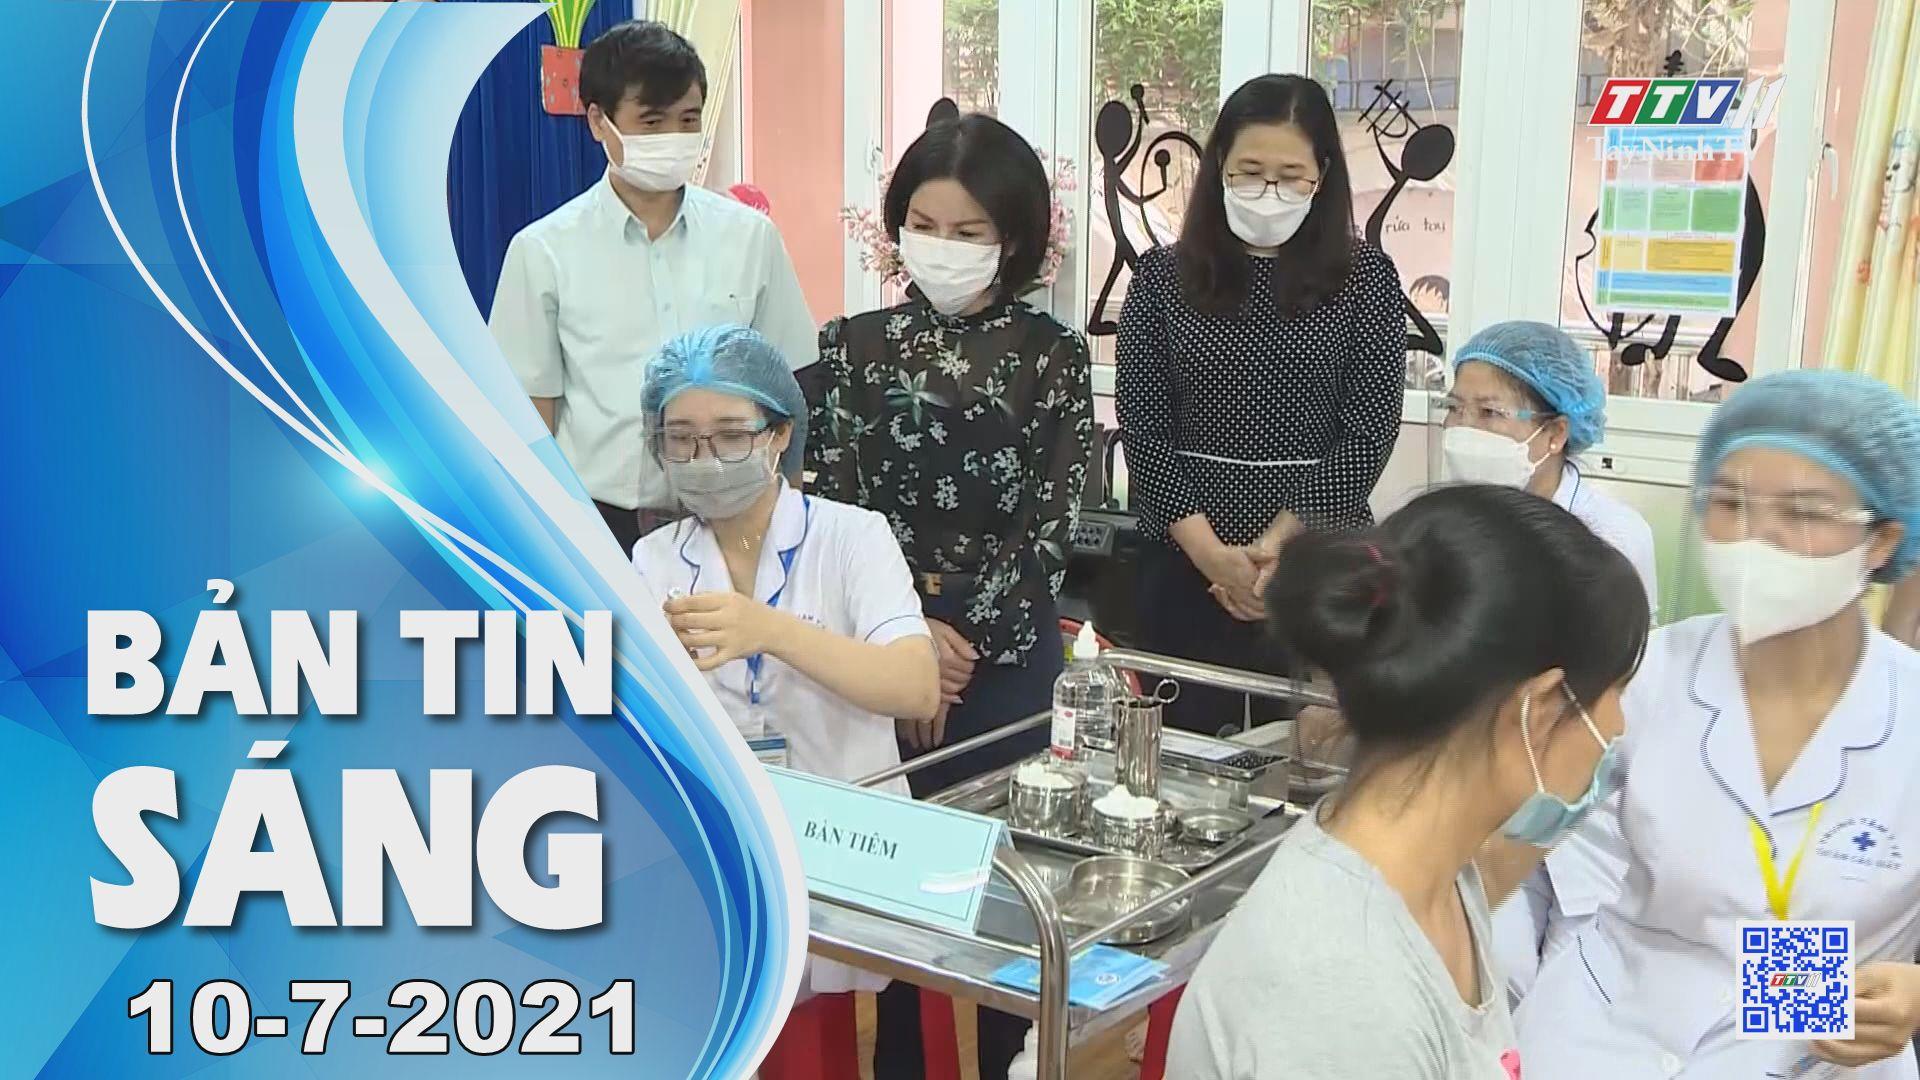 Bản tin sáng 10-7-2021   Tin tức hôm nay   TayNinhTV